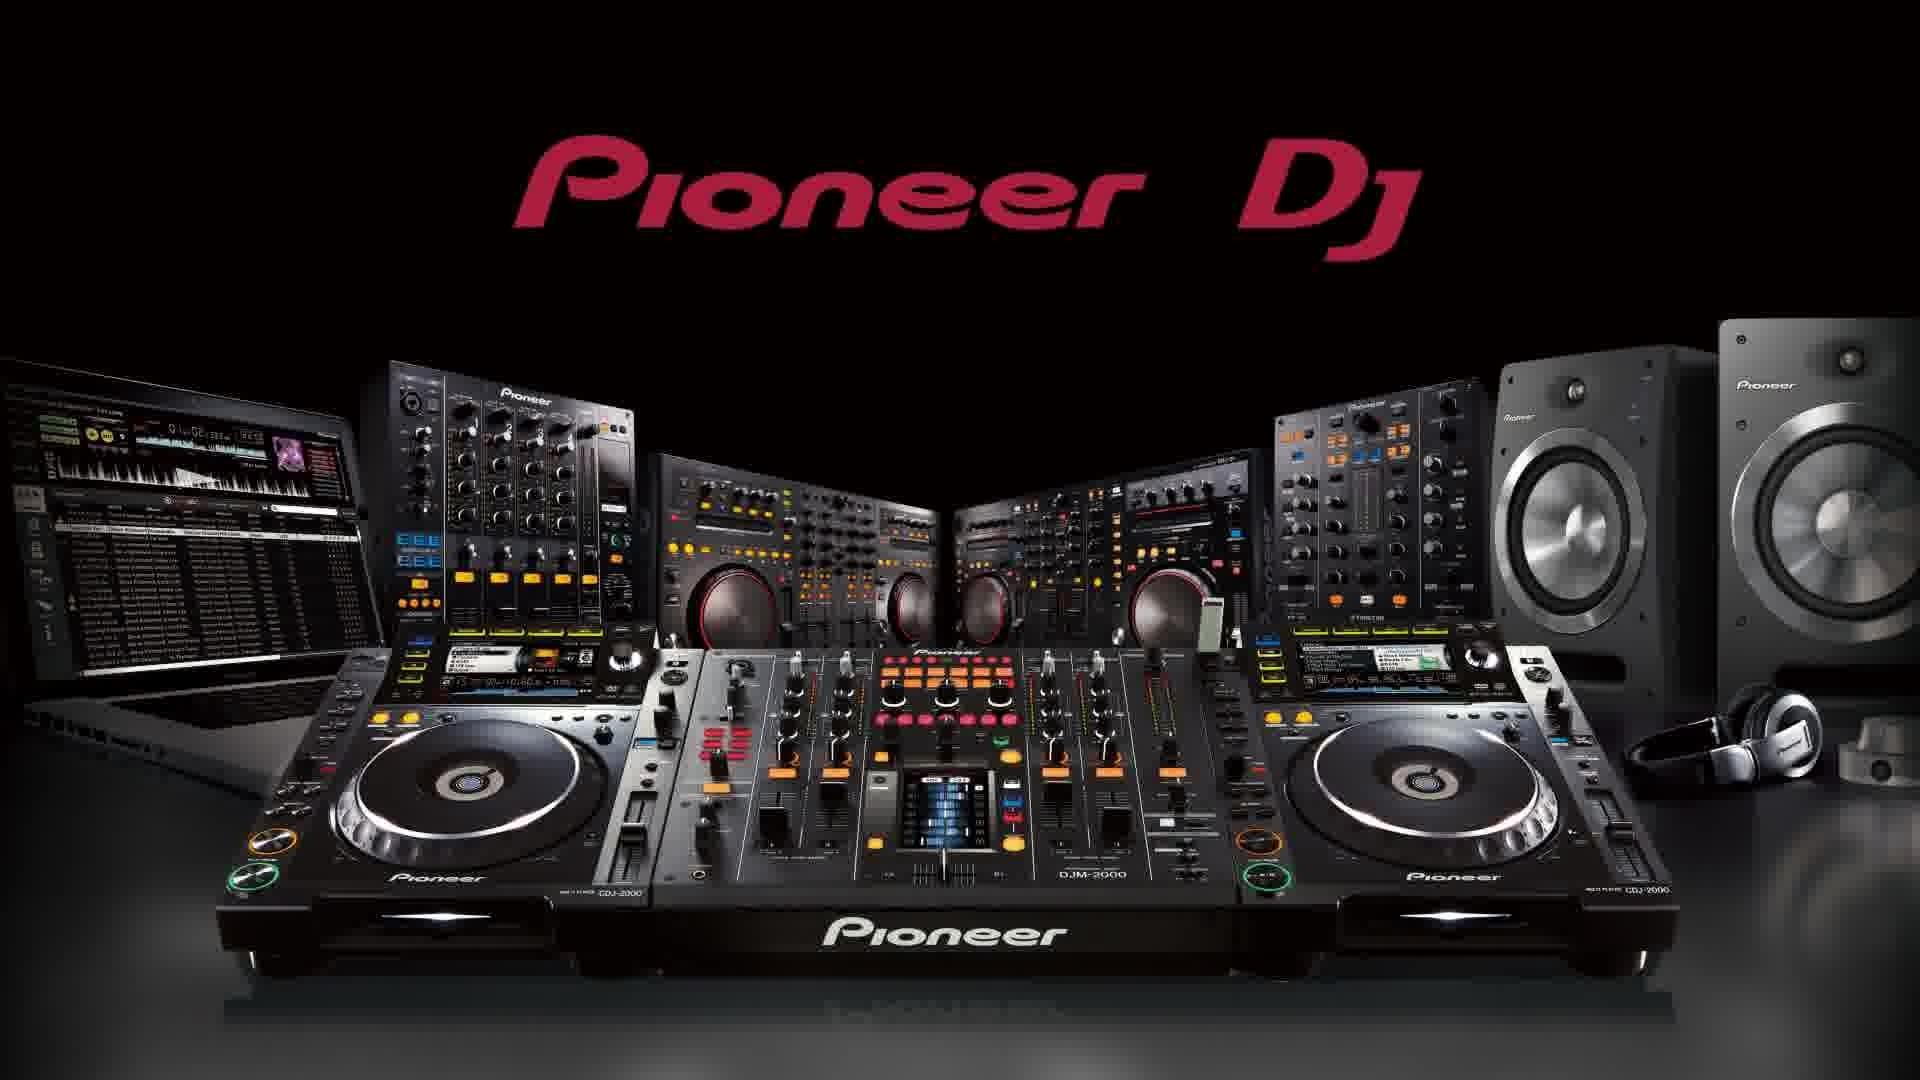 Wallpapers For > Pioneer Dj Mixer Wallpaper